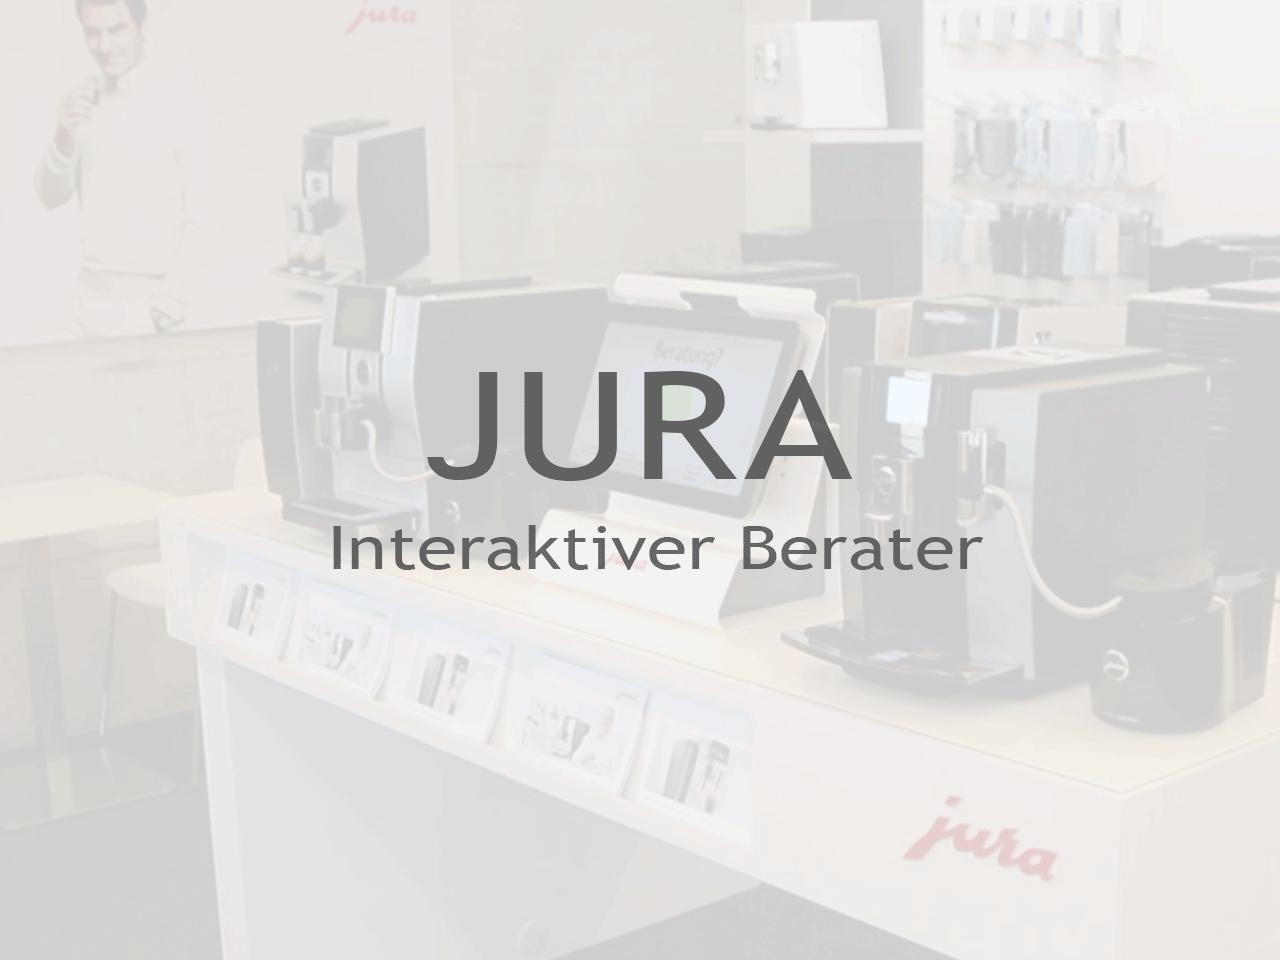 JURA Interaktiver Berater - Inputech DESIGN